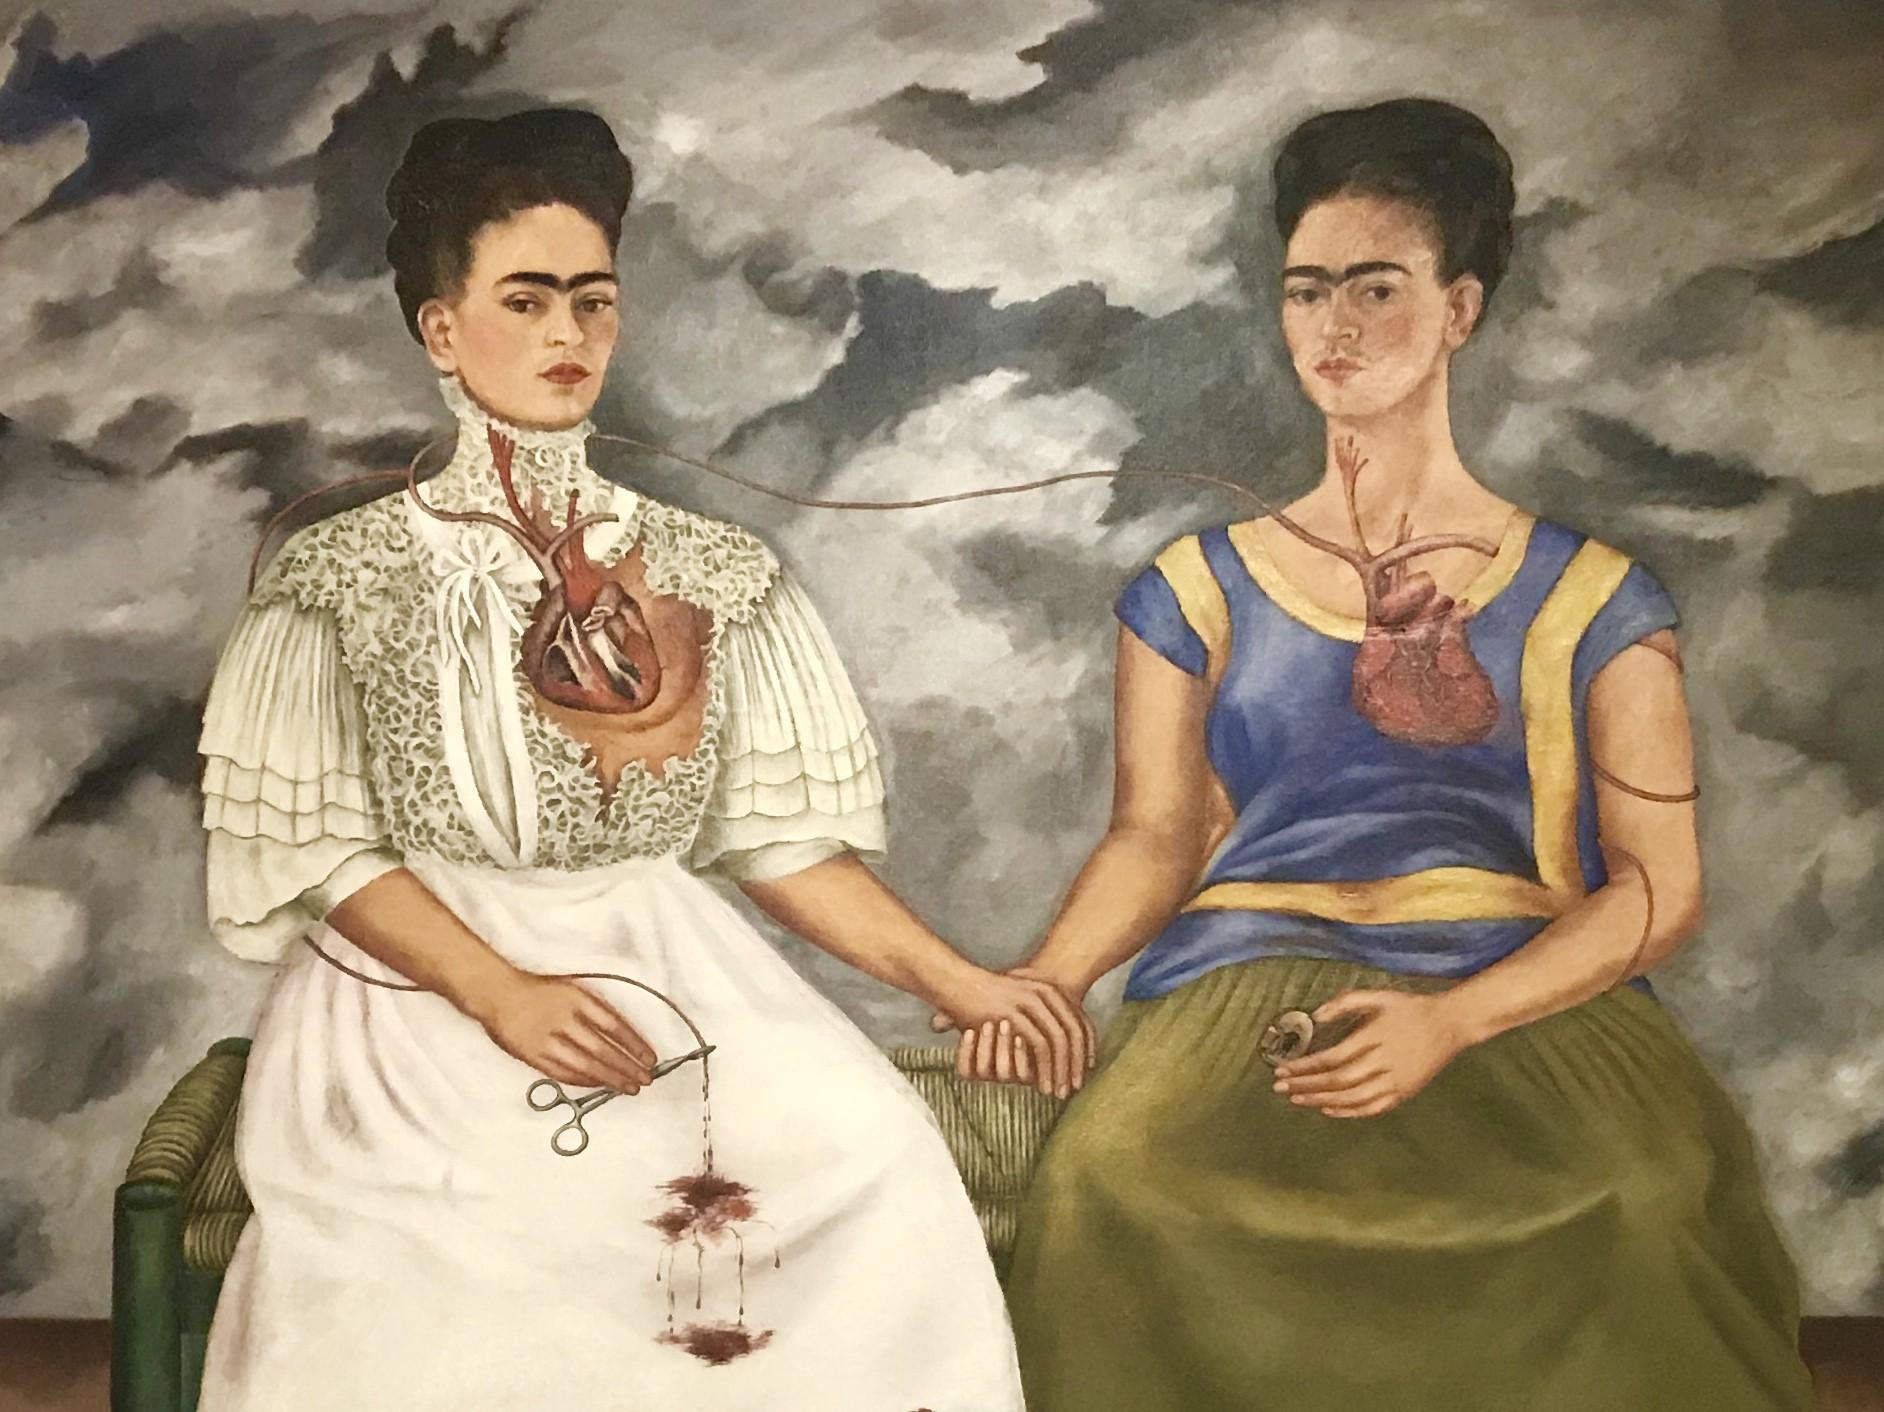 Pintura de Frida Khalo